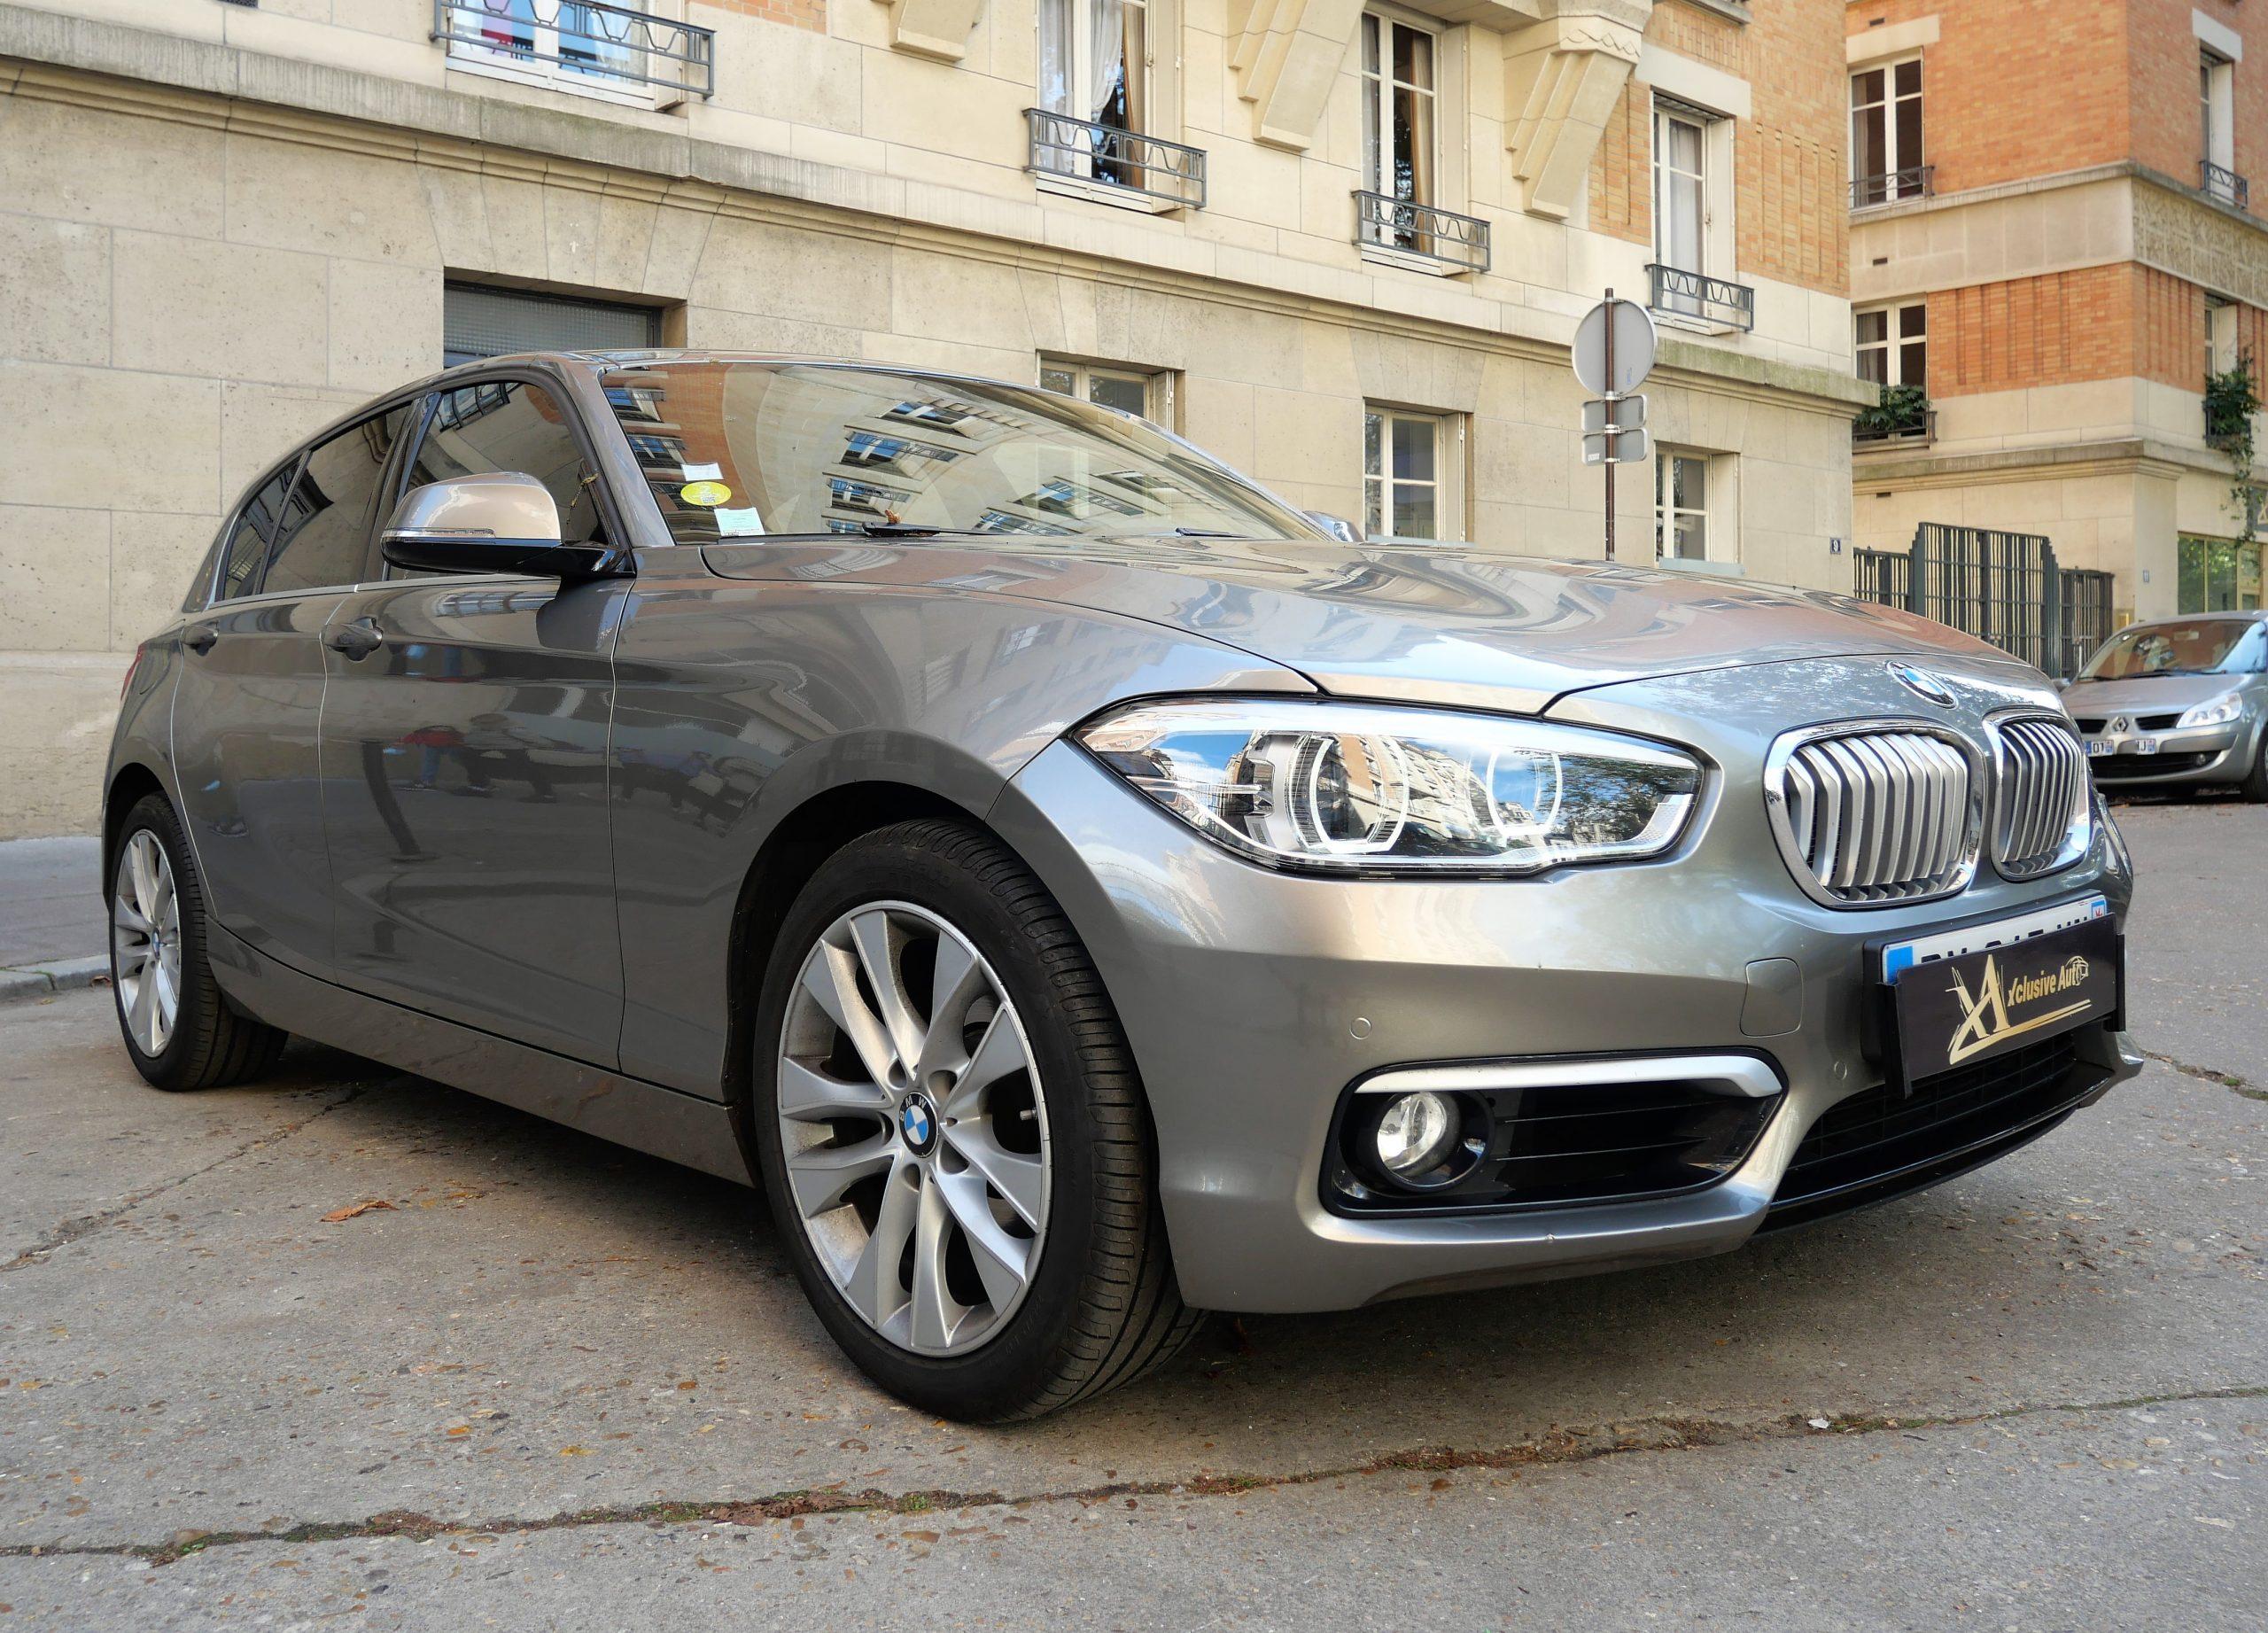 BMW Série 1 (F20) XDrive LCI 120d 2.0 d 190ch 6